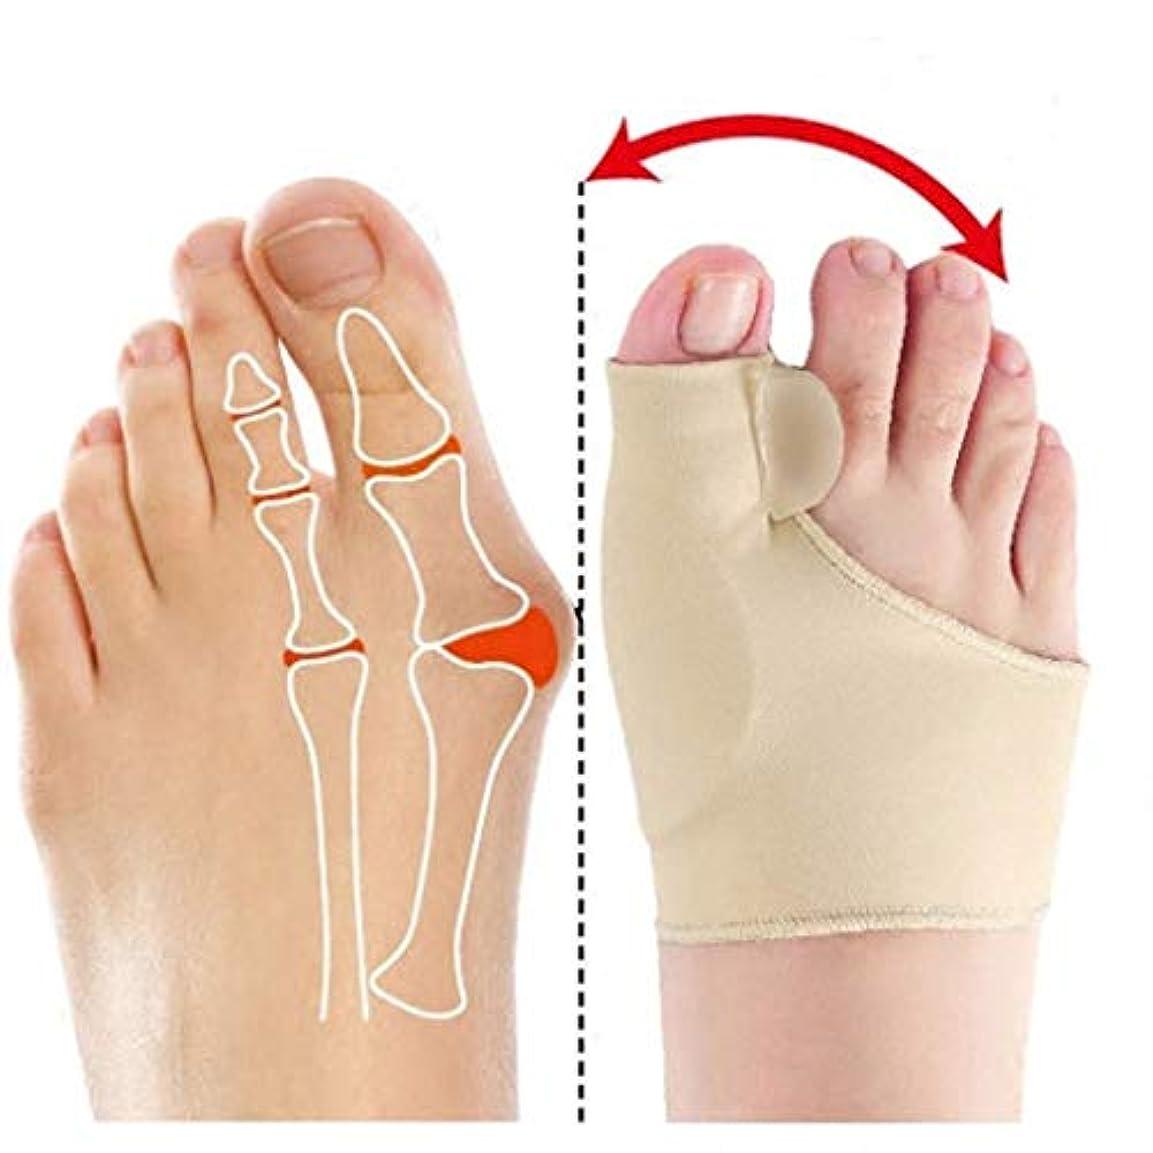 シンボルファンタジー素晴らしい良い多くのDyong Thumb Toe Corrector Big Toe Straightener Toe Pain Relief Sleeve、Bunion Splint Support Sleeve with Built-in...